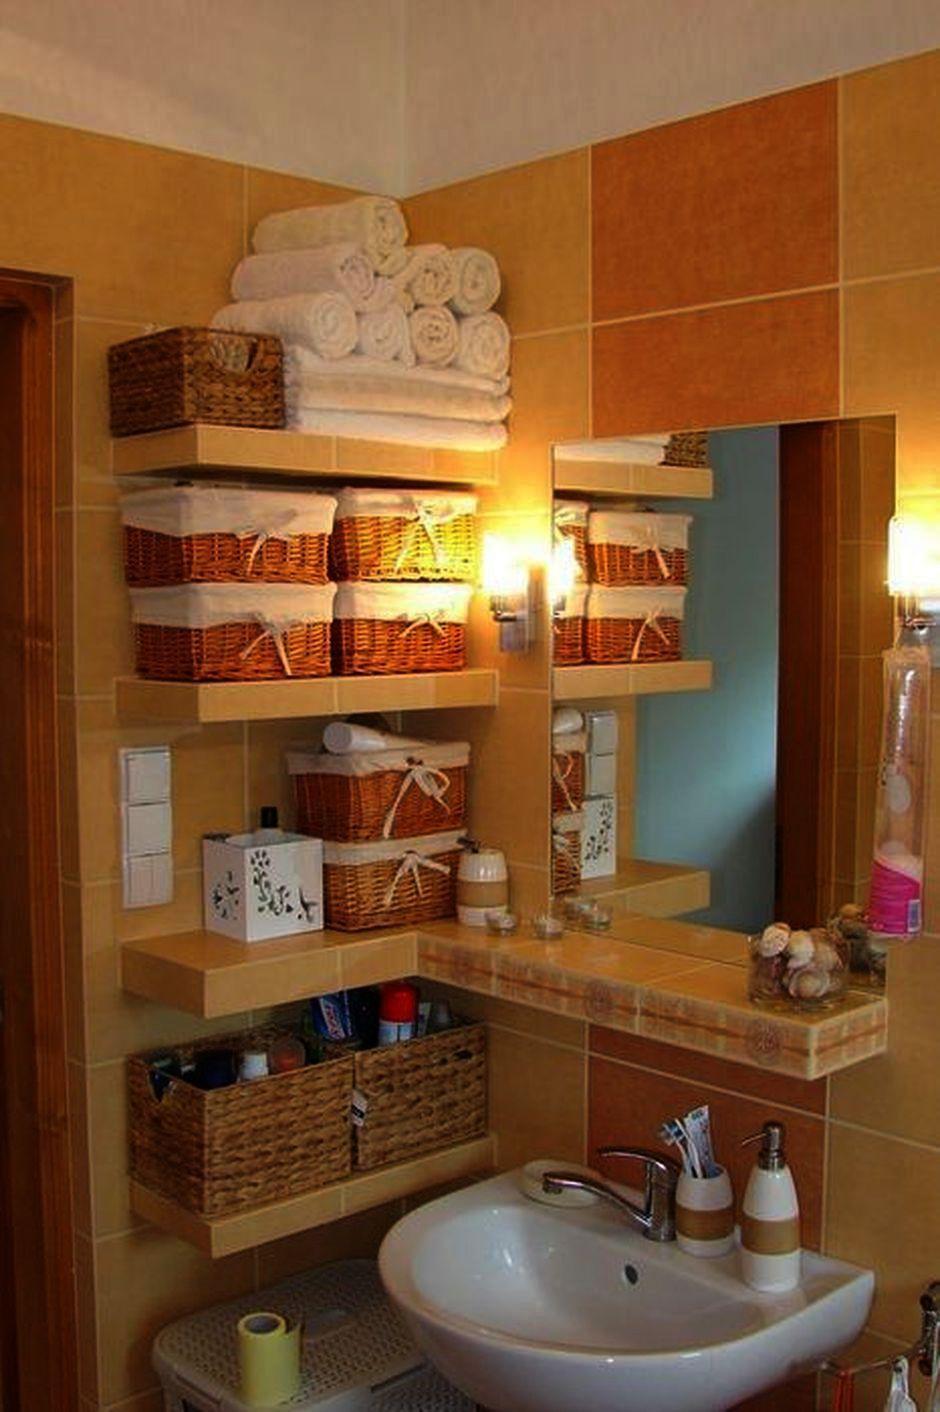 Bathroom Sink Menards between Bathroom Rochester